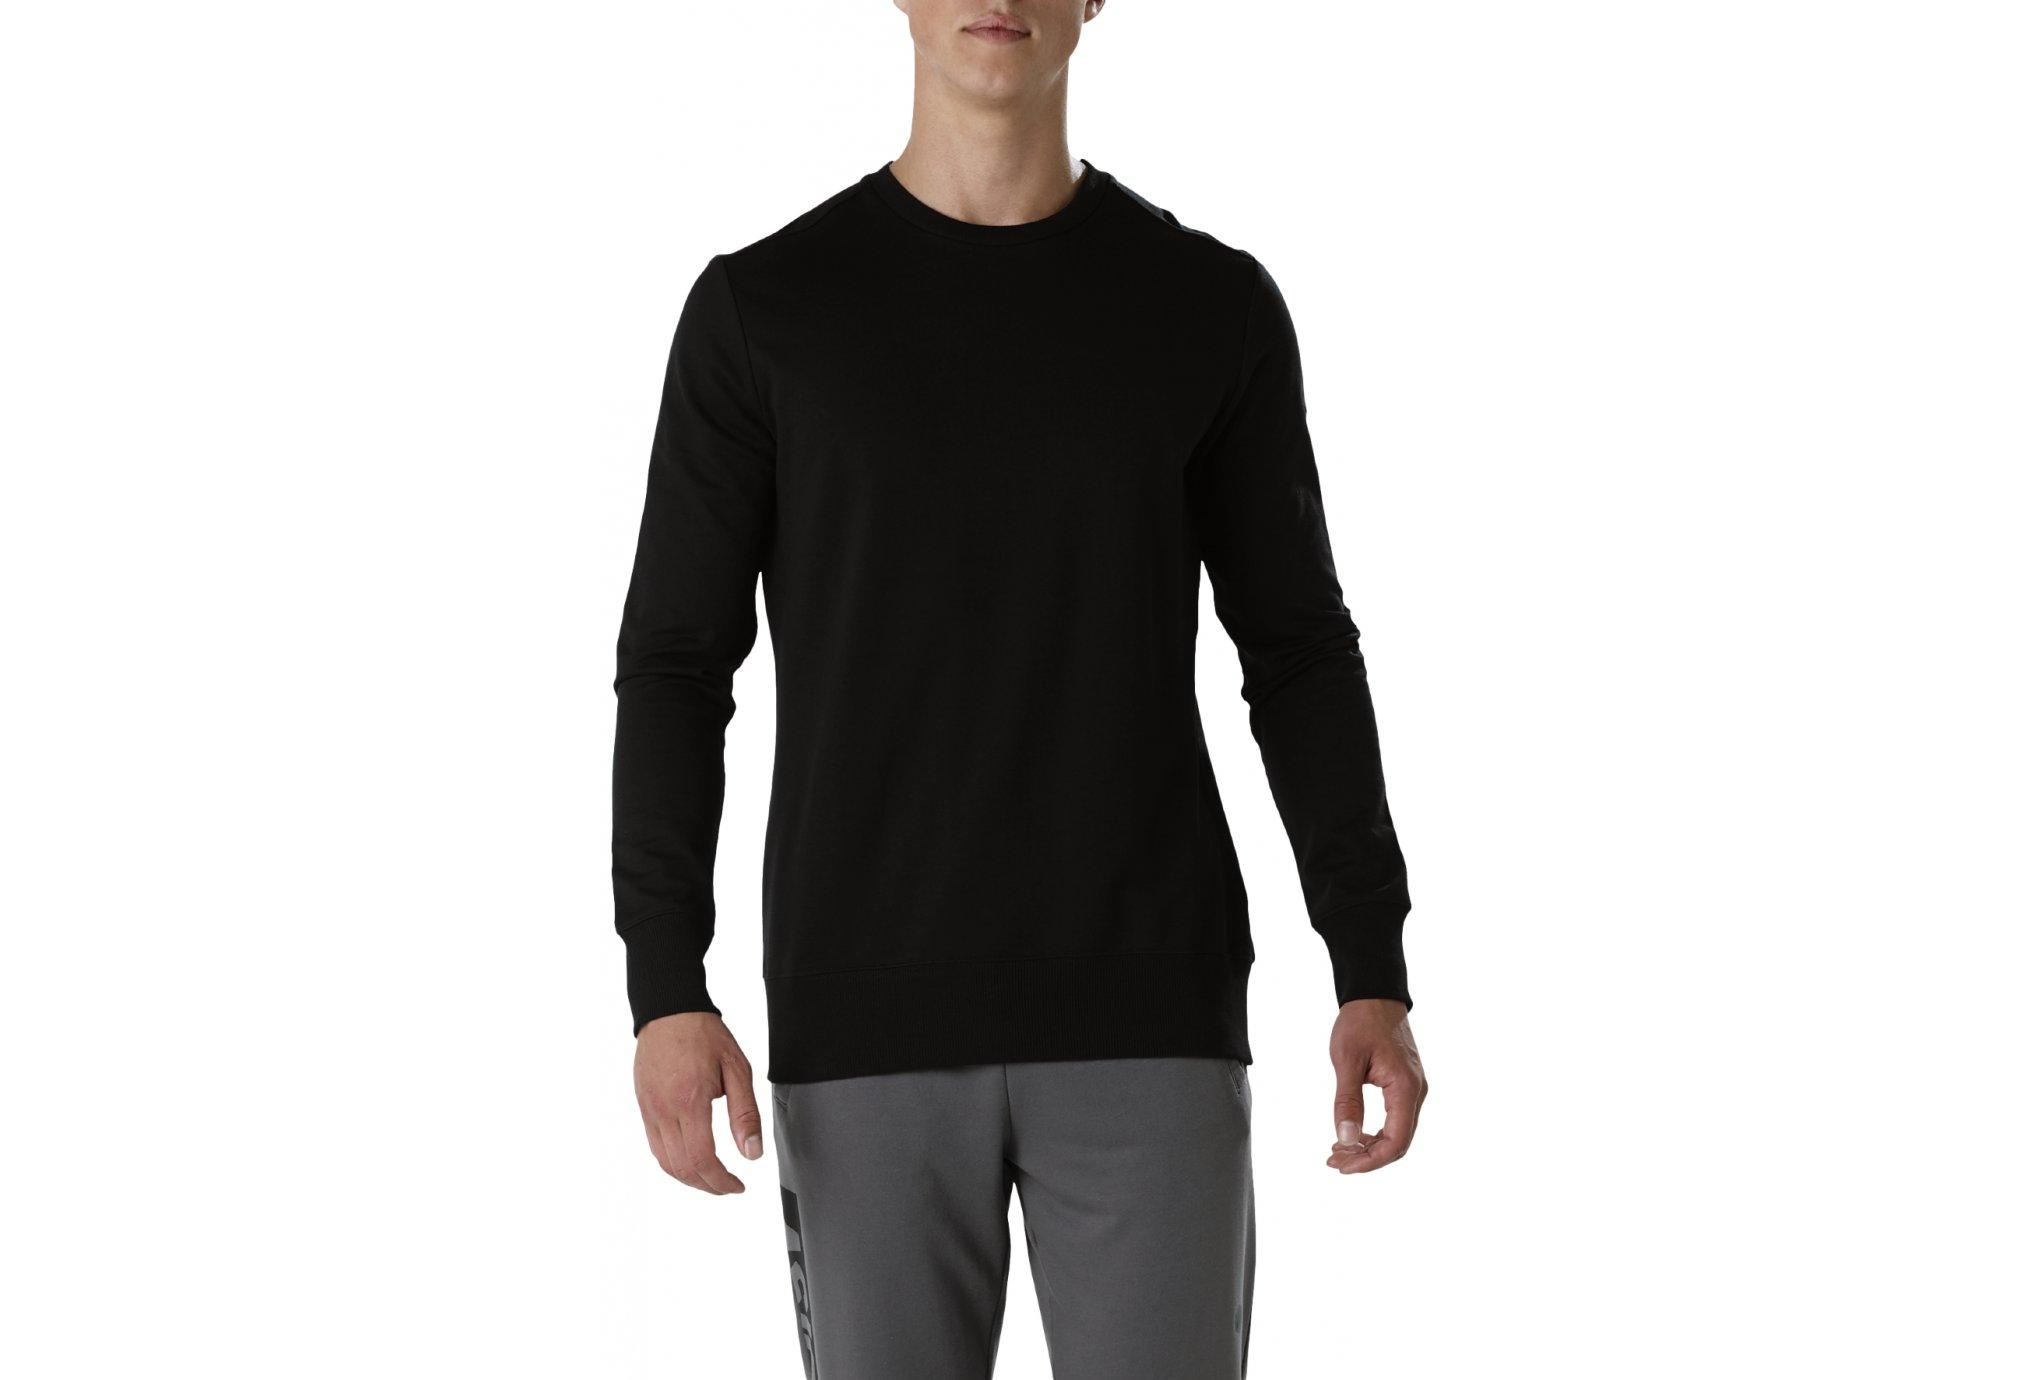 Asics Essential Crew M Diététique Vêtements homme